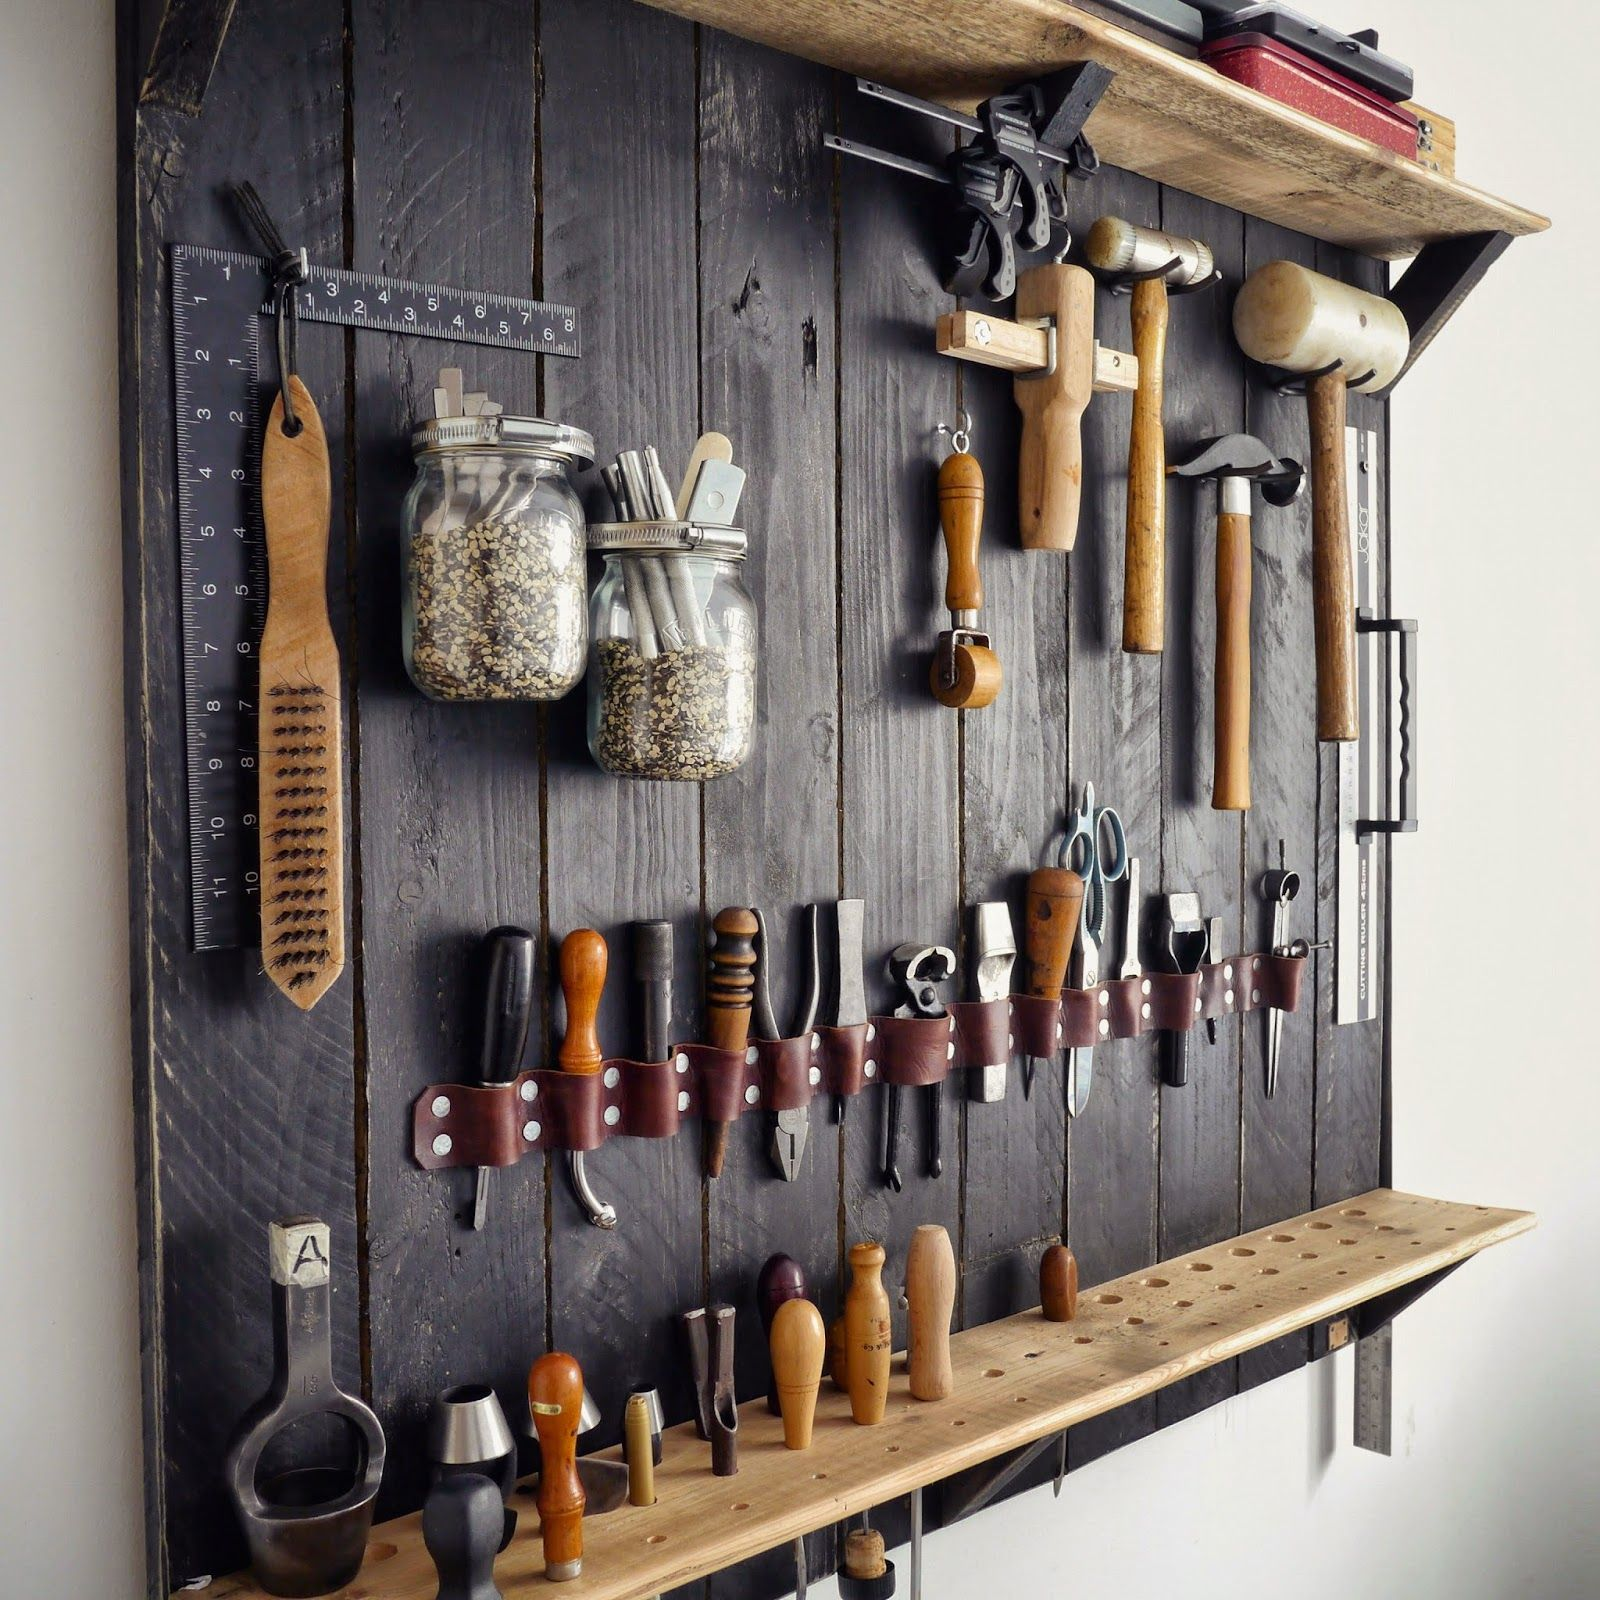 Leatherworking Tool Storage Garage OrganizationGarage StorageDiy